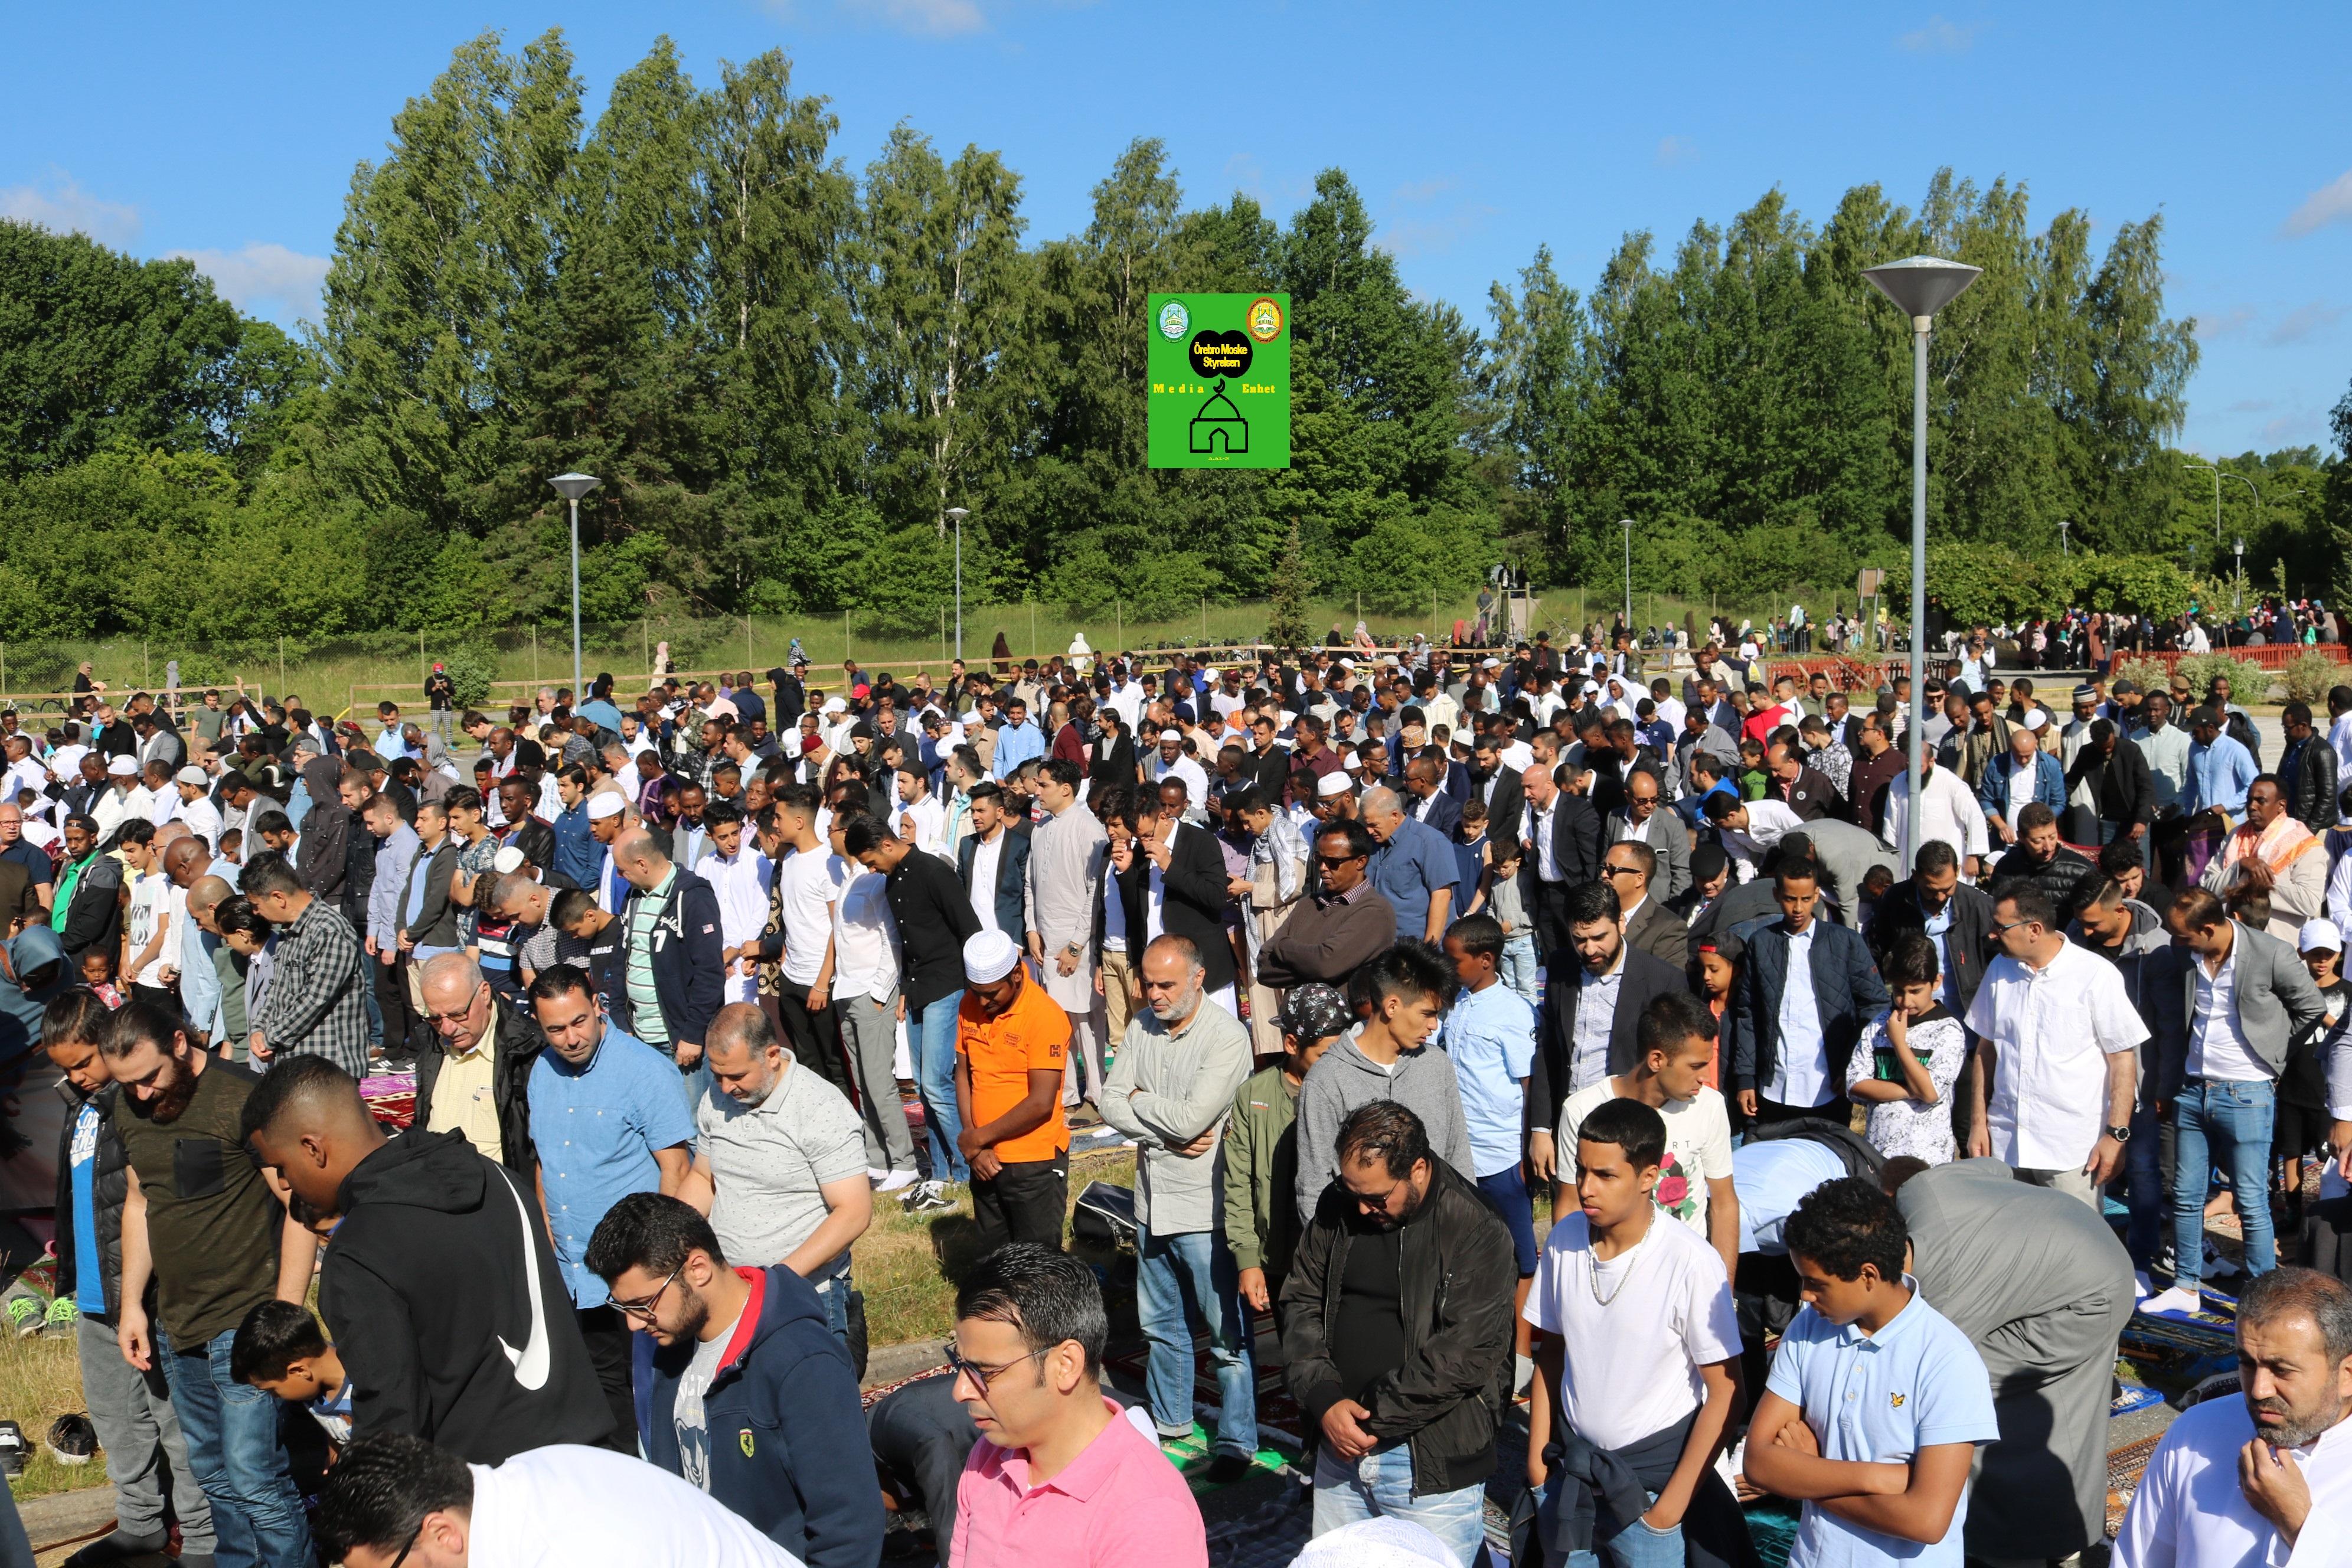 تكبيرات وصلاة وخطبة عيد الفطر - 2018-06-15 ************************* Shikh Abu Husam Hariri ************************************************ Eid Fitr Mubark - عيد فطر مبارك ************************************************ FILMED ON LOCATION ************************* Orebro Mosque - Örebro Moske مسجد اوربرو ************************* Sweden – Sverige – السويد ************************************************ DIRECTED BY ********************************* A.Al-N ********************************* Effected Video (Facebook) ********************************* Örebro moské älskare - Orebro mosque lovers - محبي مسجد اوربرو (Facebook) ************************************************ Effected Video (YouTube) http://www.youtube.com/channel/UCSEb- ibpdTXYFwLsCf8E3Aw ************************************************ Baghdad forever (YouTube) http://www.youtube.com/user/baghdadiforever